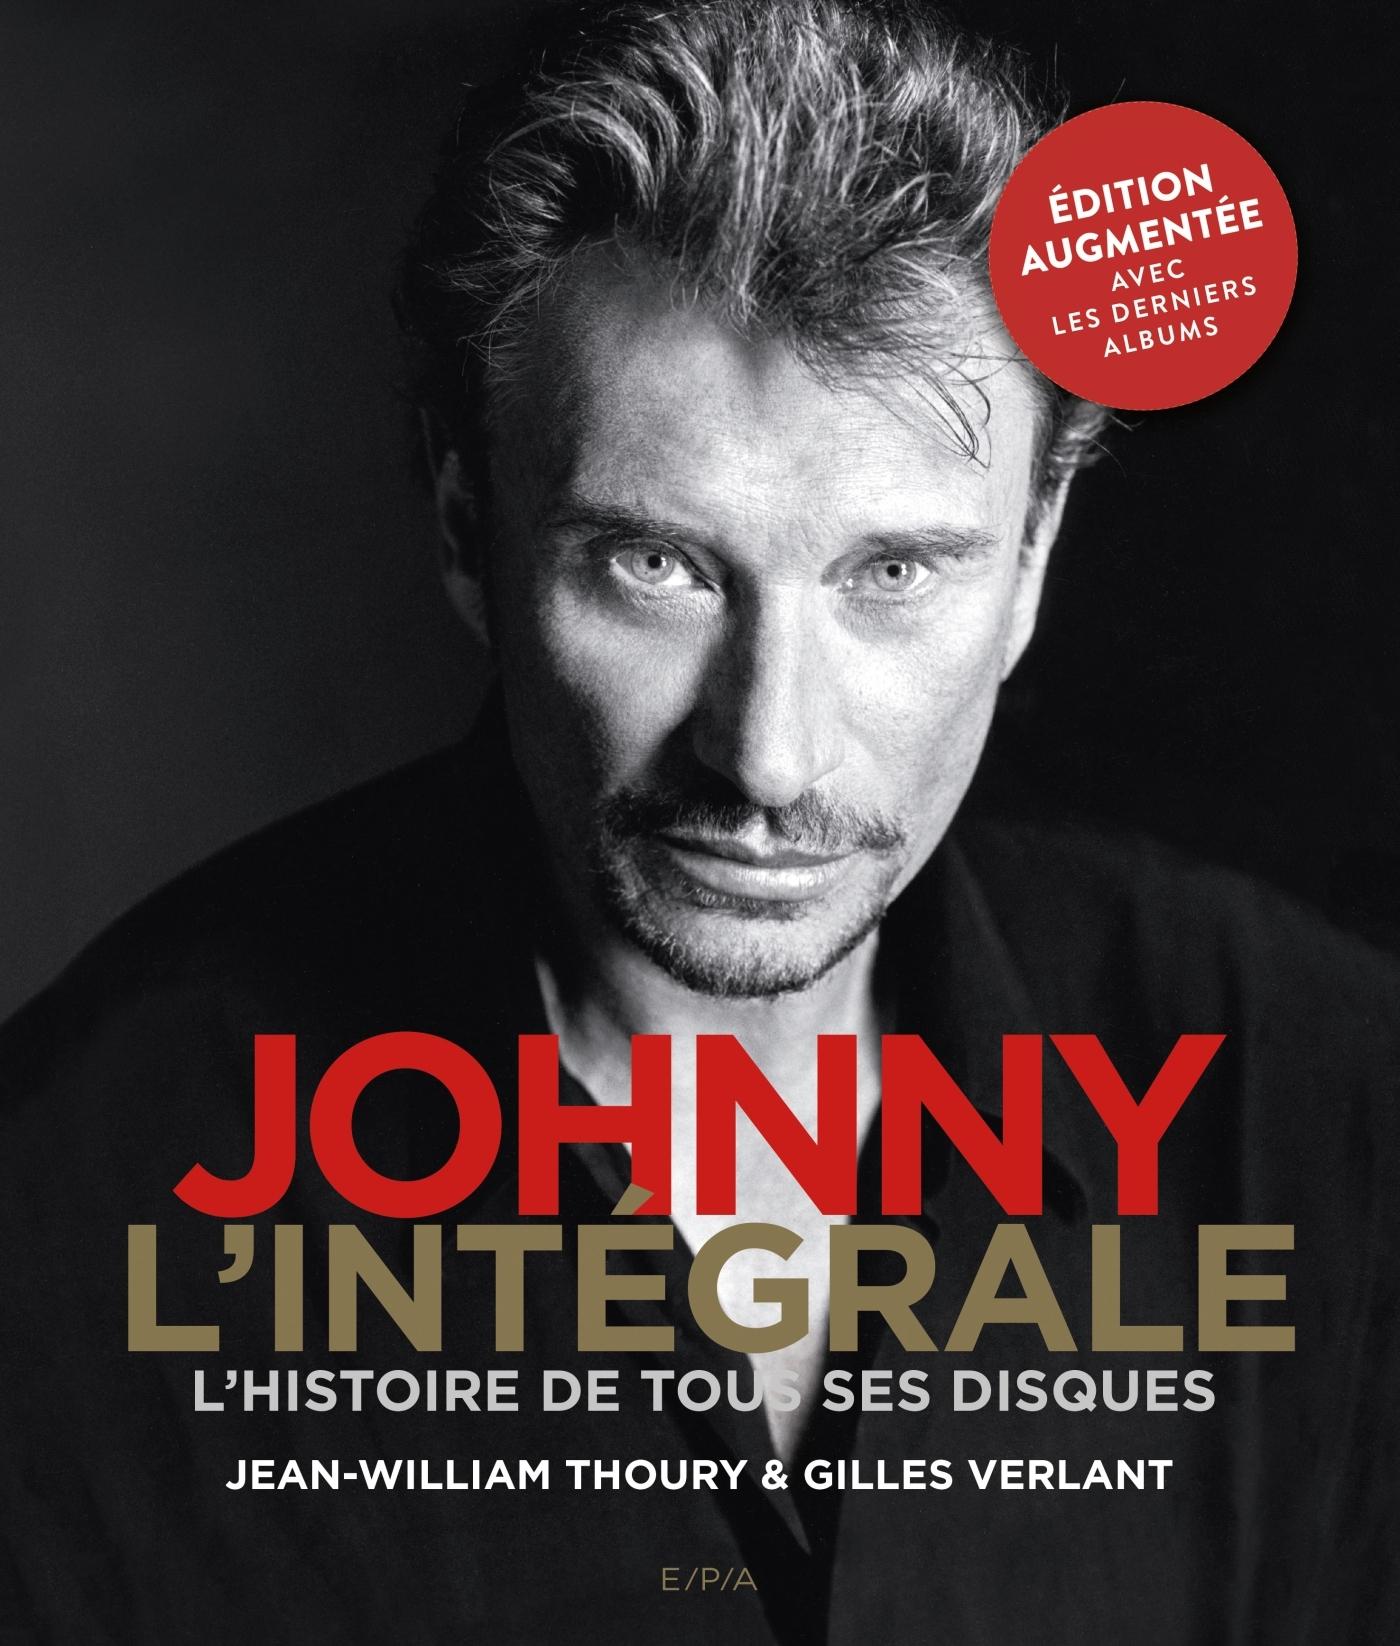 JOHNNY L'INTEGRALE - NOUVELLE EDITION - L'HISTOIRE DE TOUS SES DISQUES